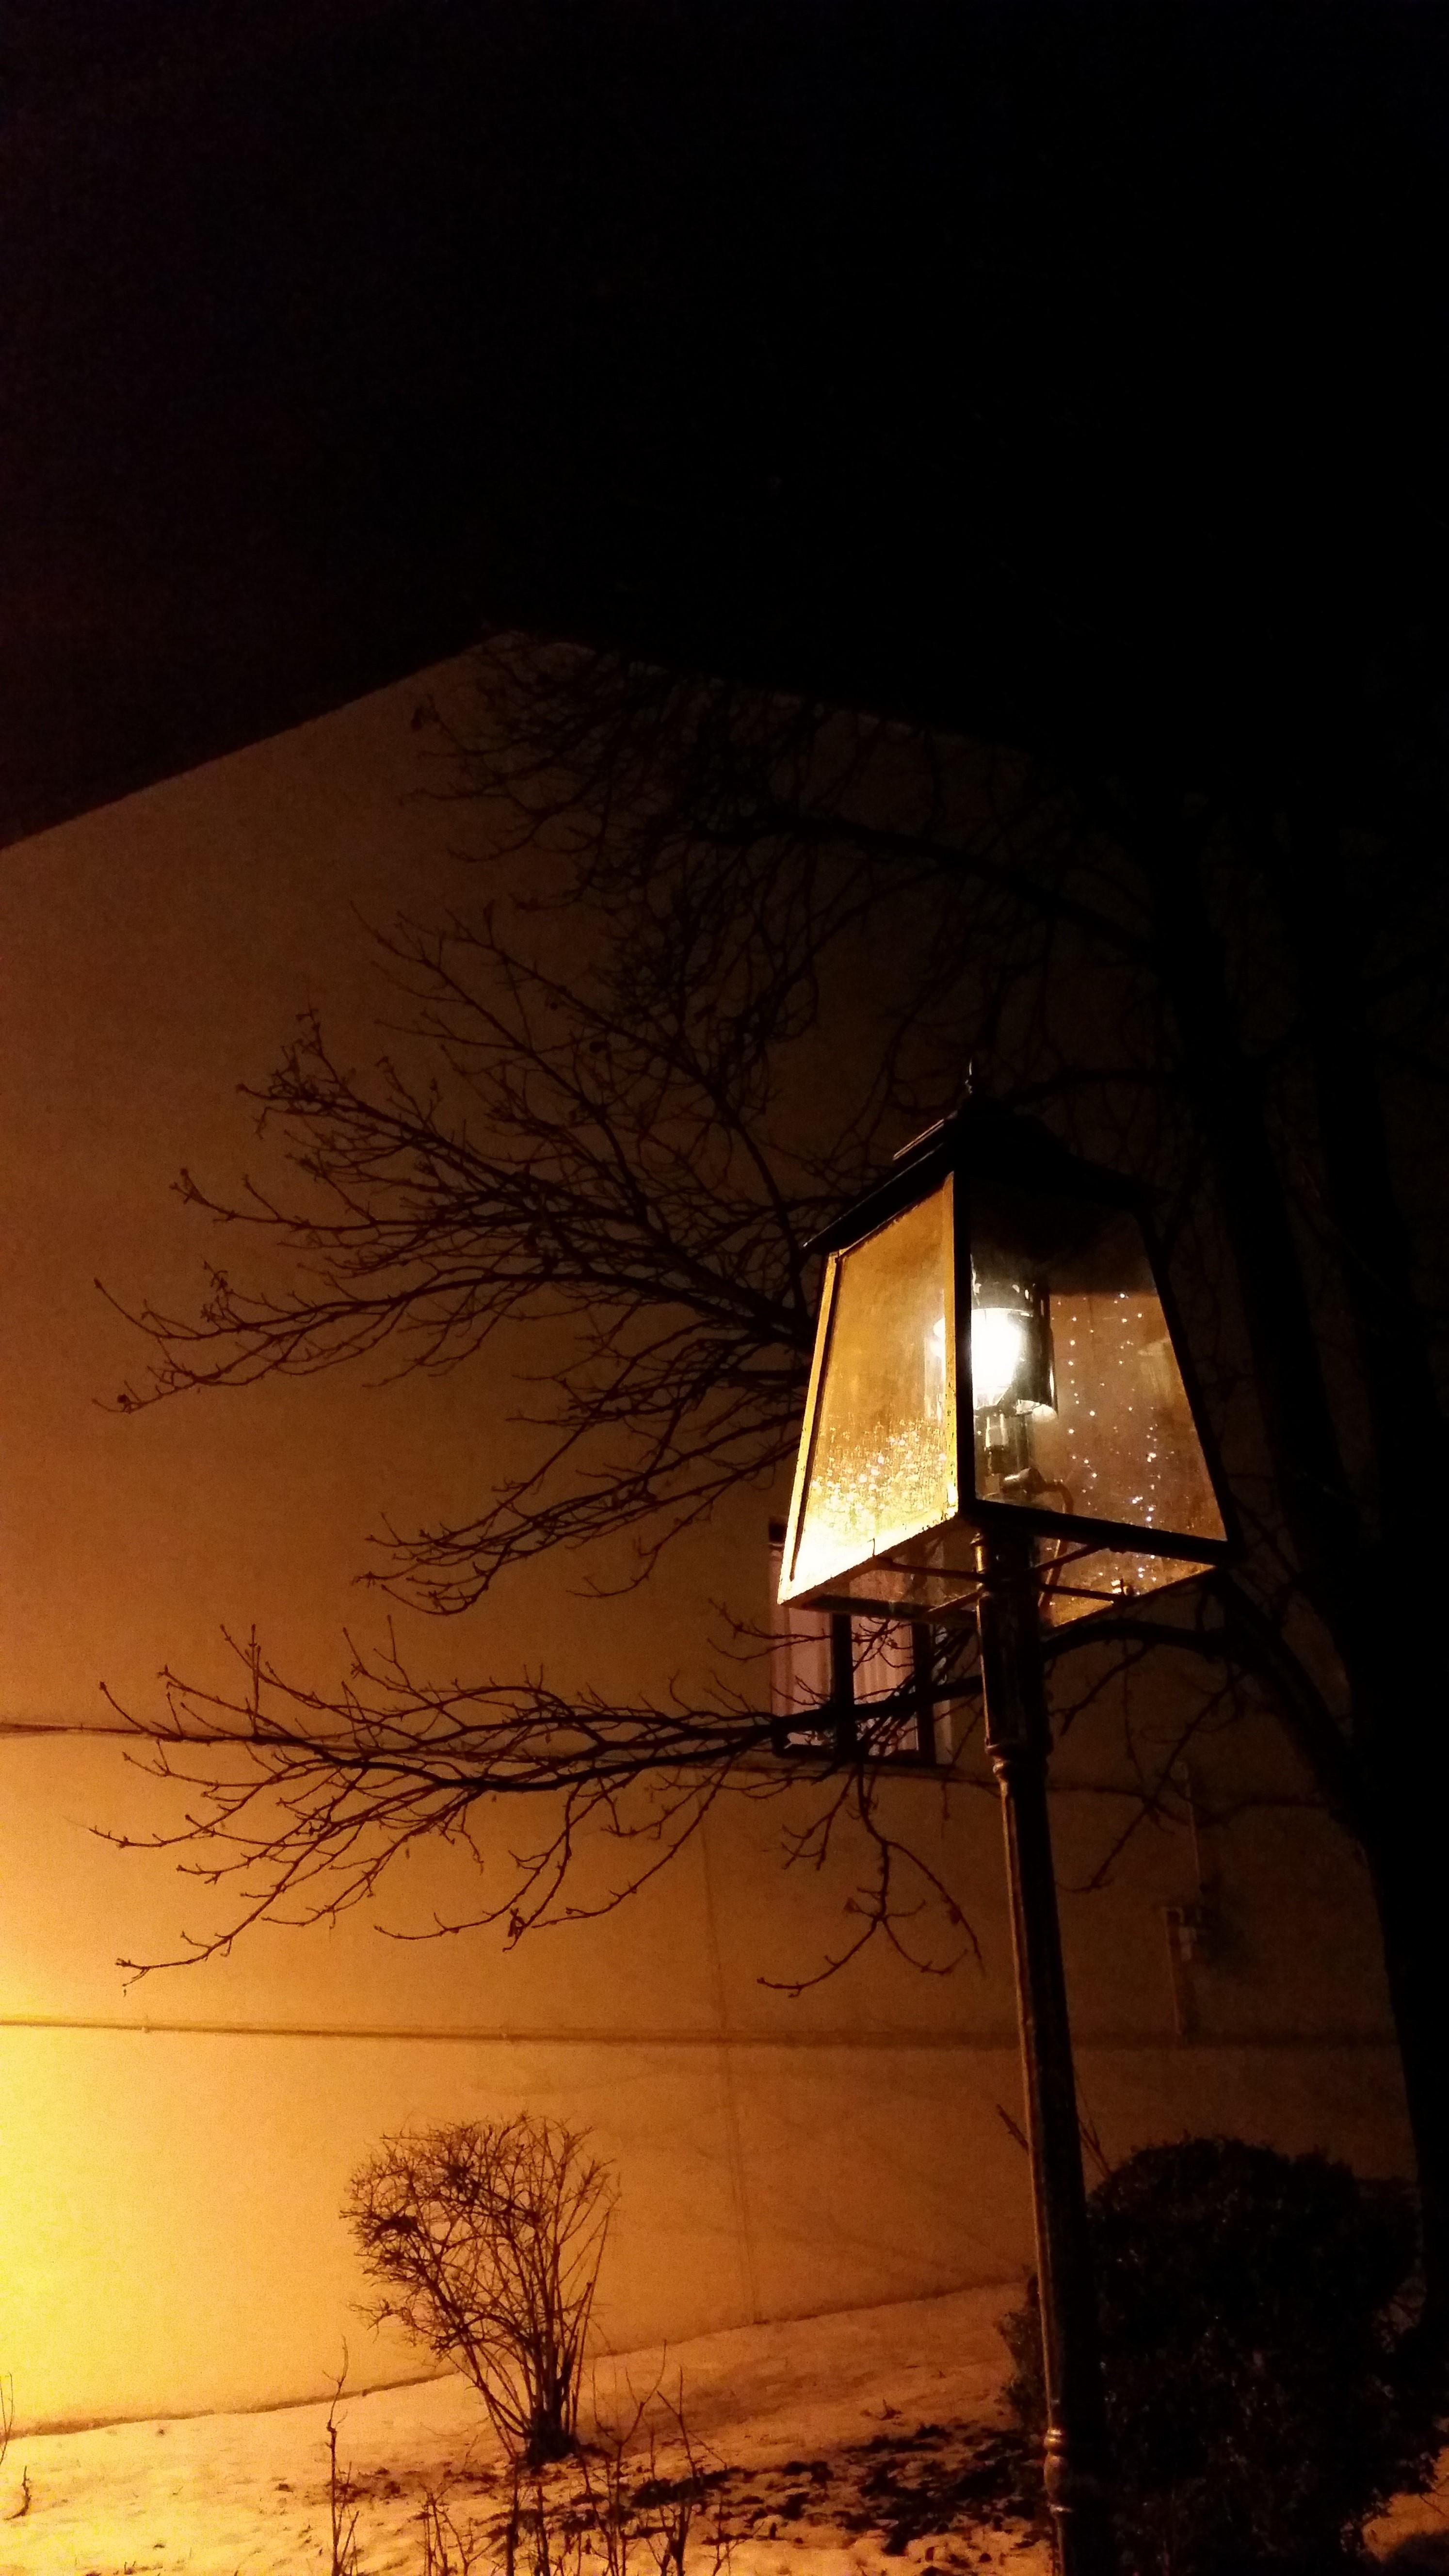 Úgy ragyogjon a ti világosságotok az emberek előt...